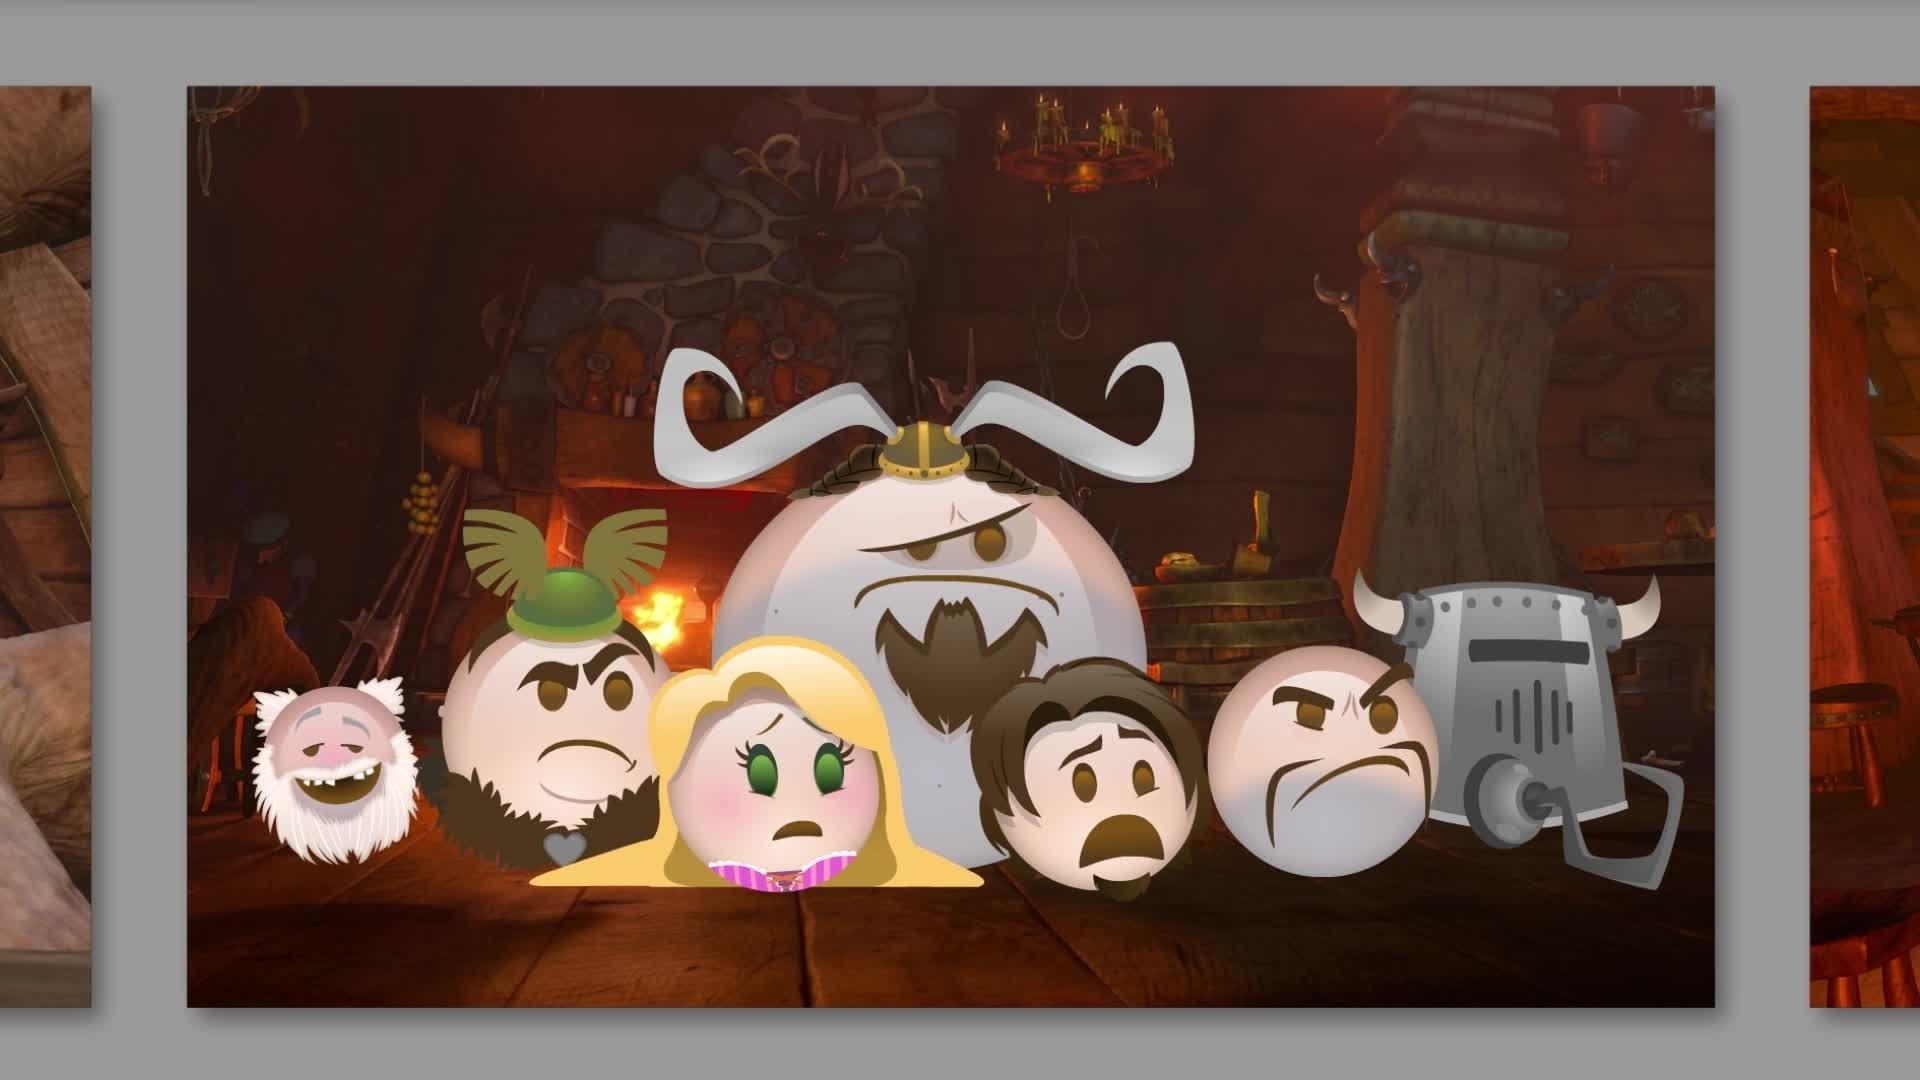 Enredados contado en emoji